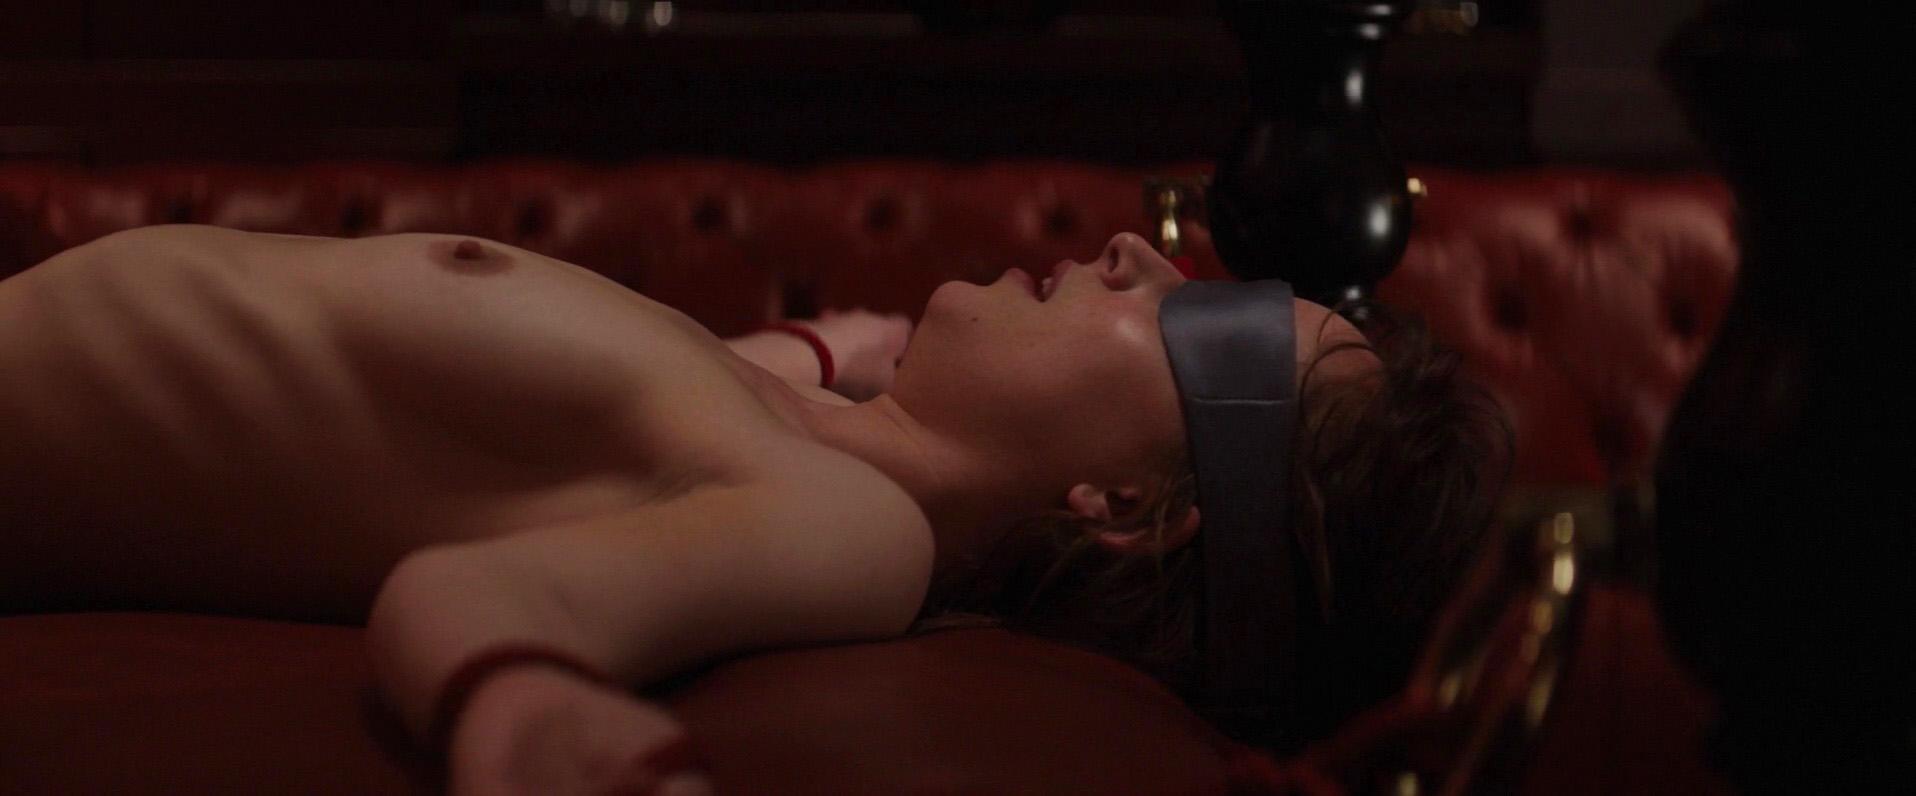 Télécharger des seins porno